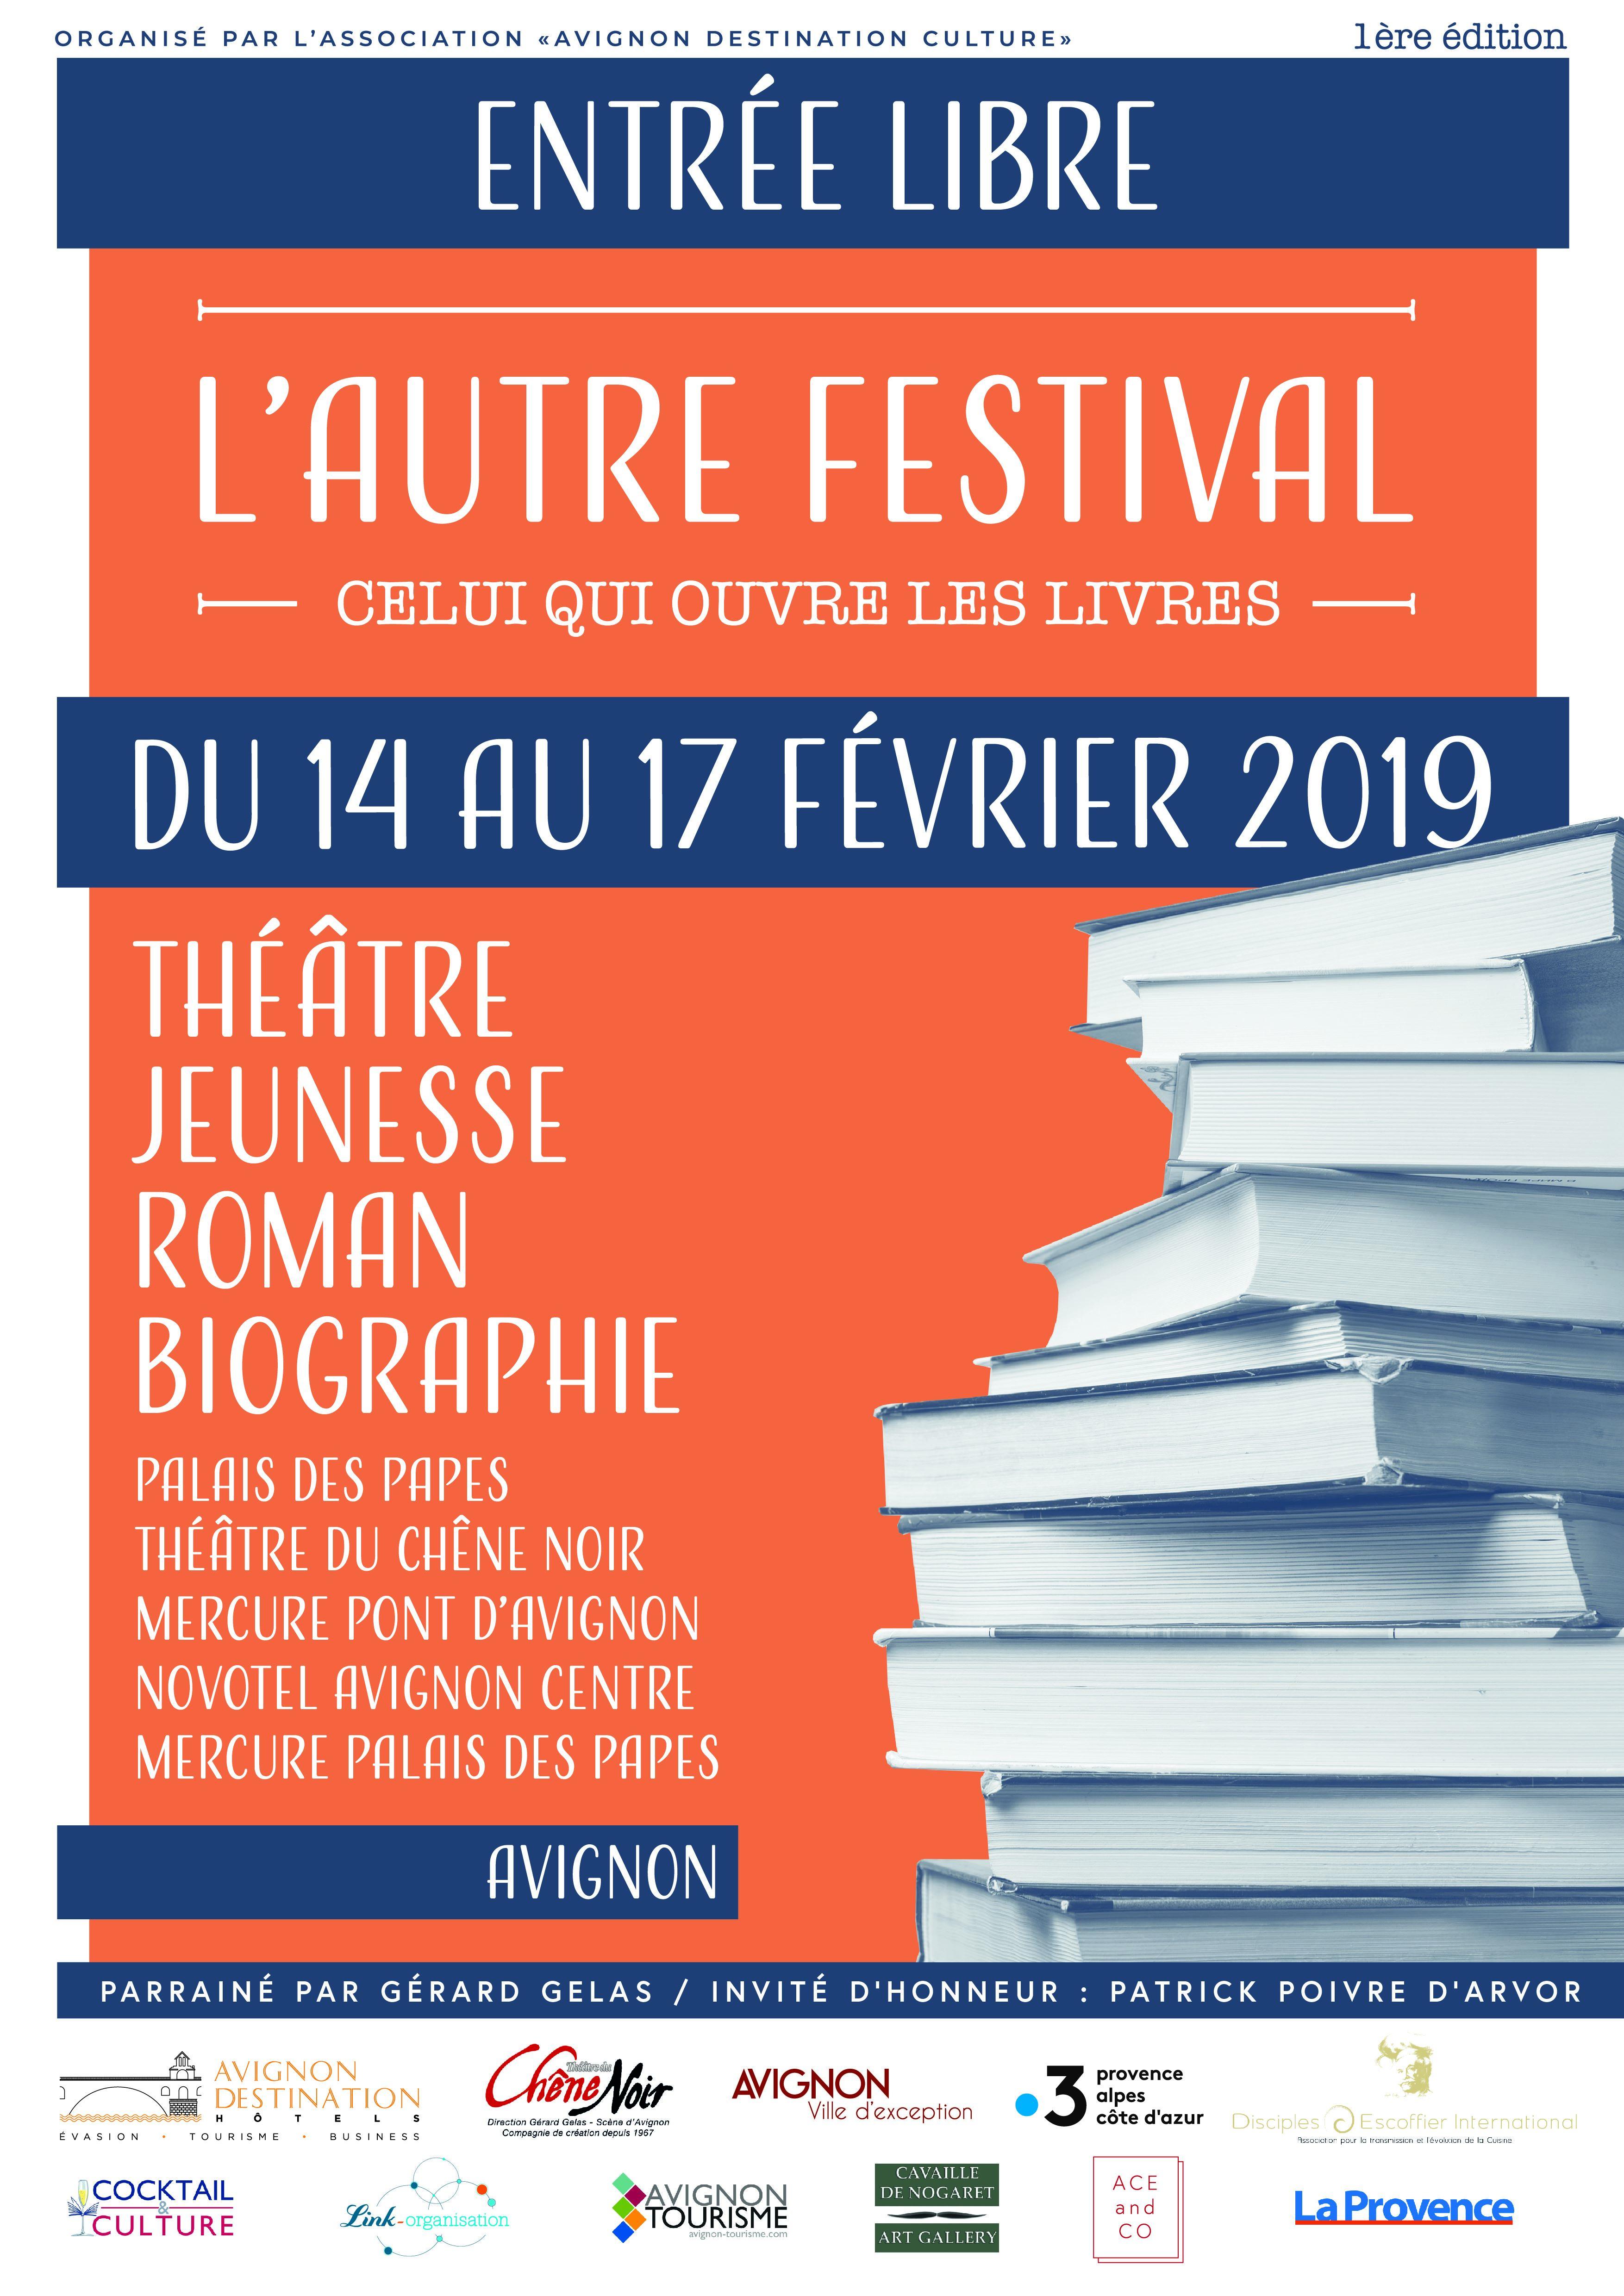 L'Autre Festival: le festival qui qui ouvre les livres - Trois soirées exceptionnelles